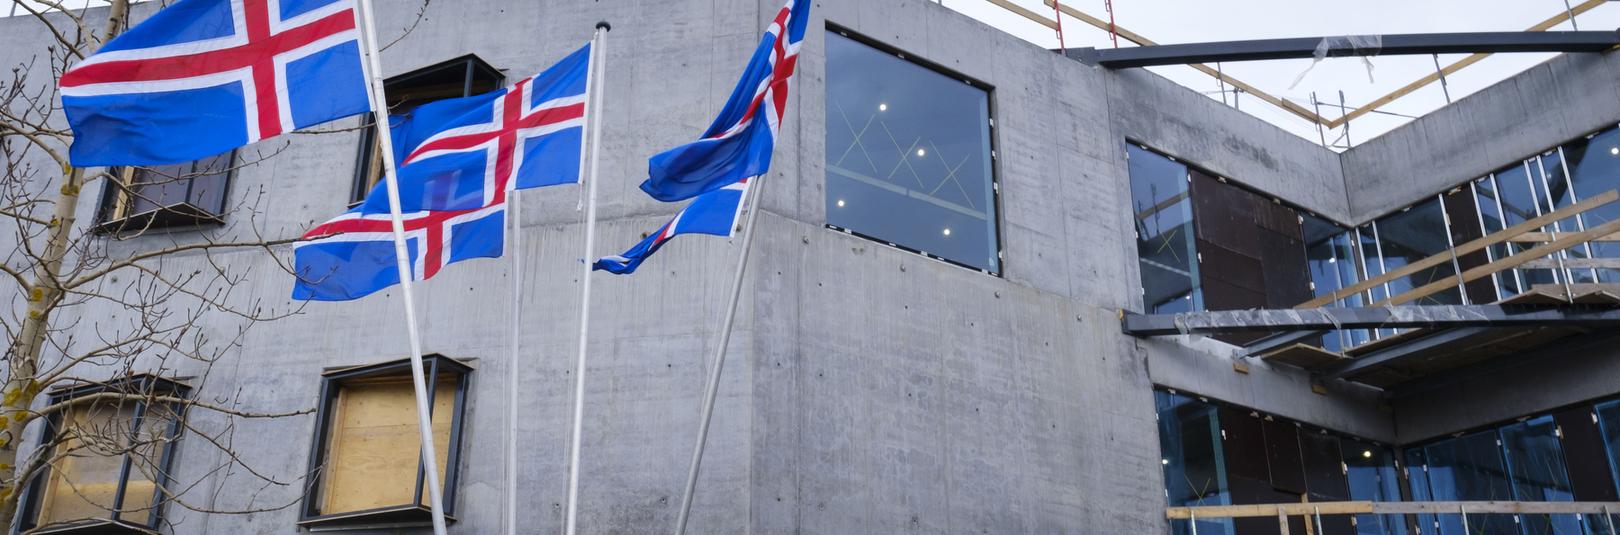 Gleðilegt sumar, kæru nemendur og samstarfsfólk - á vefsíðu Háskóla Íslands